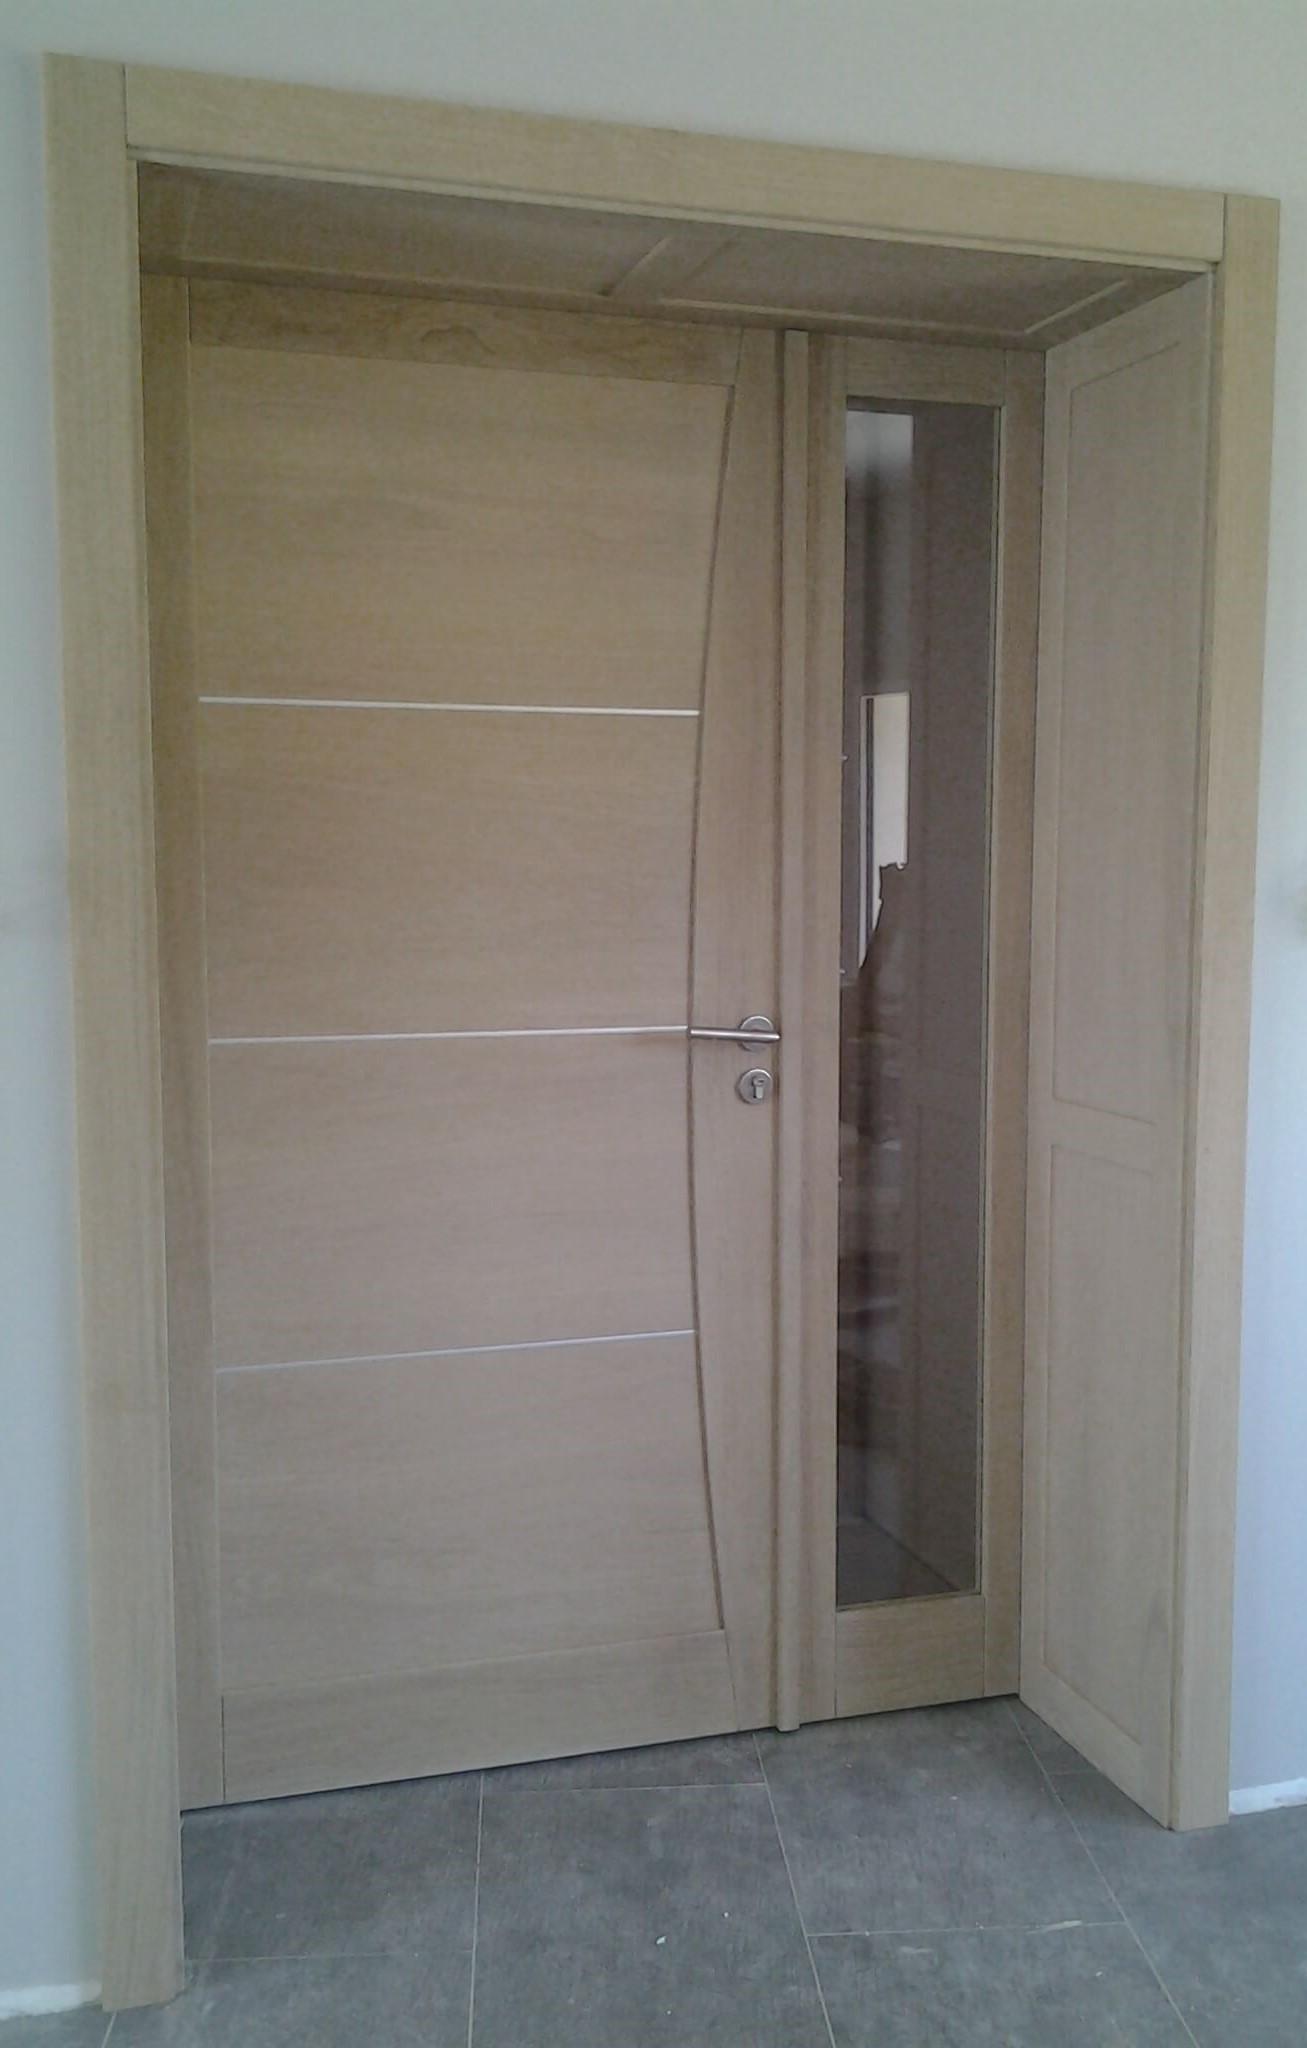 Menuiserie Figard - Fabrication sur mesure - Porte d'intérieure - Chêne blanchi vitrage opale - Veso